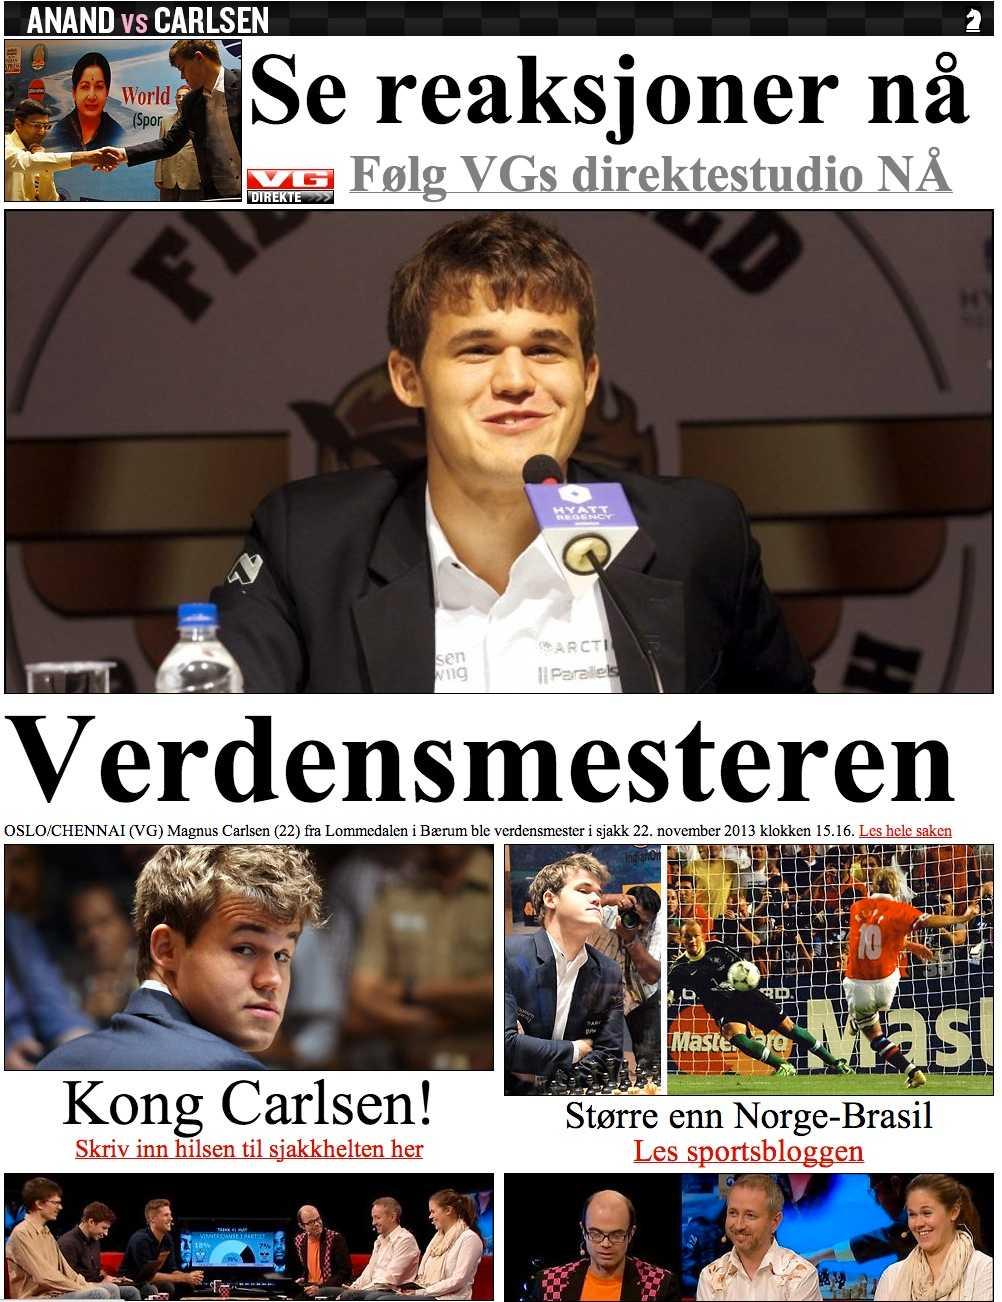 Norska VG har haft miljoner tv-tittar under sin bevakning av titelmatchen.